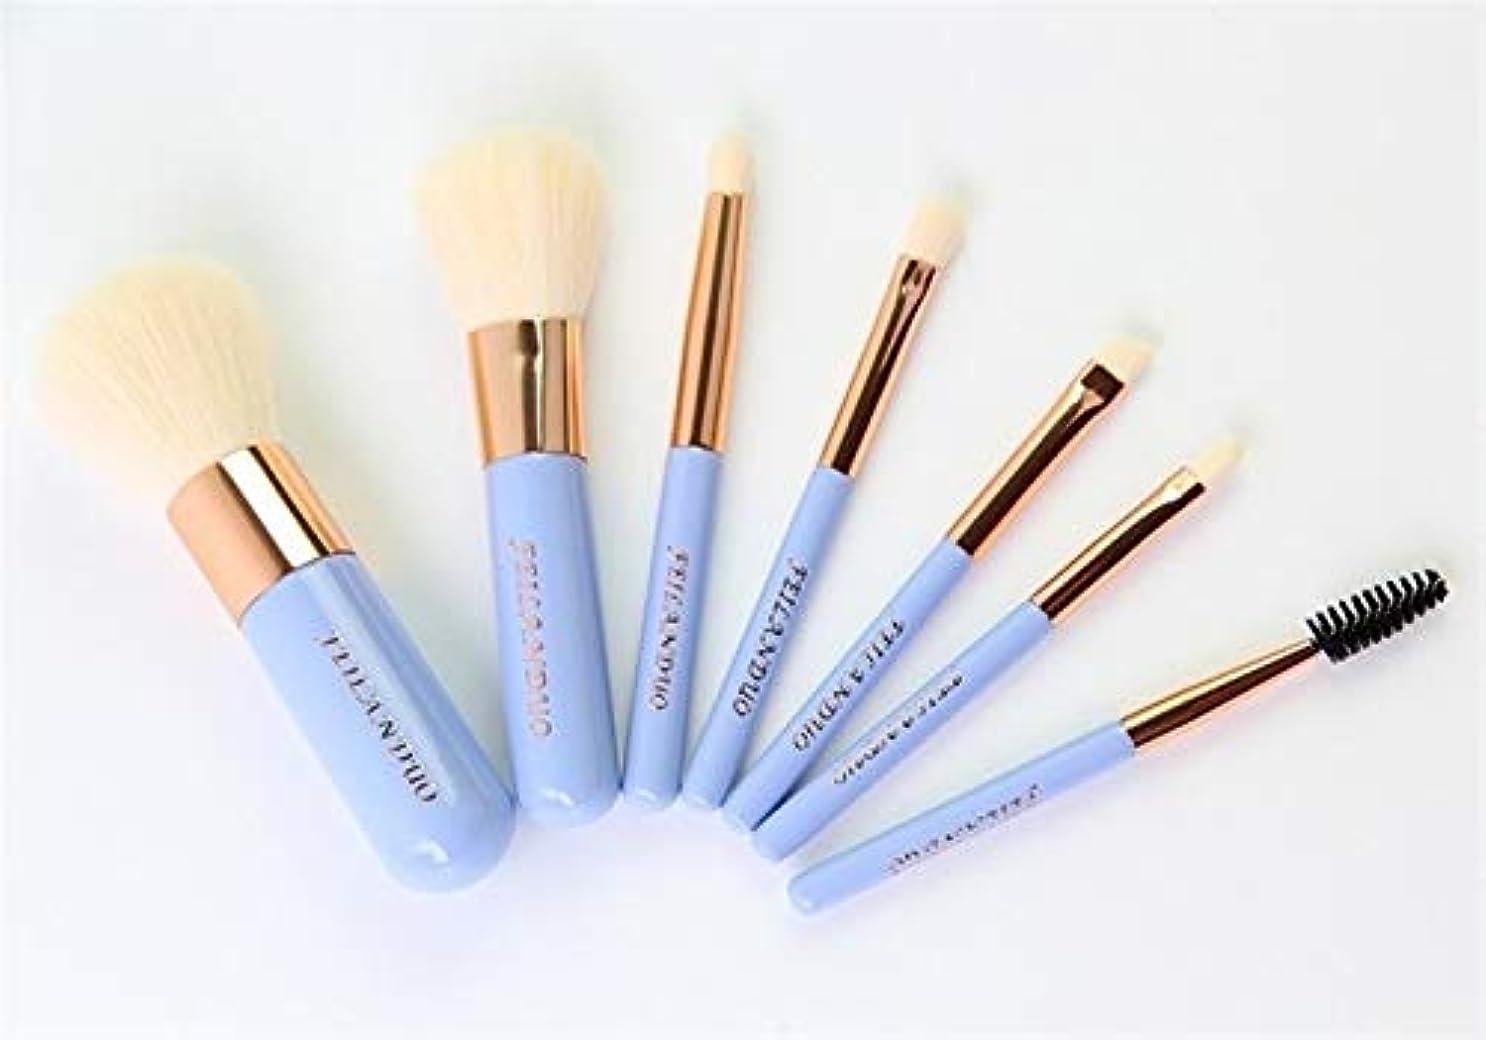 グラムブリリアントダイヤルTUOFL メイクブラシセット、七点セット、ブラシ美容ツール財団ブラシポータブル箱入り (Color : Blue)